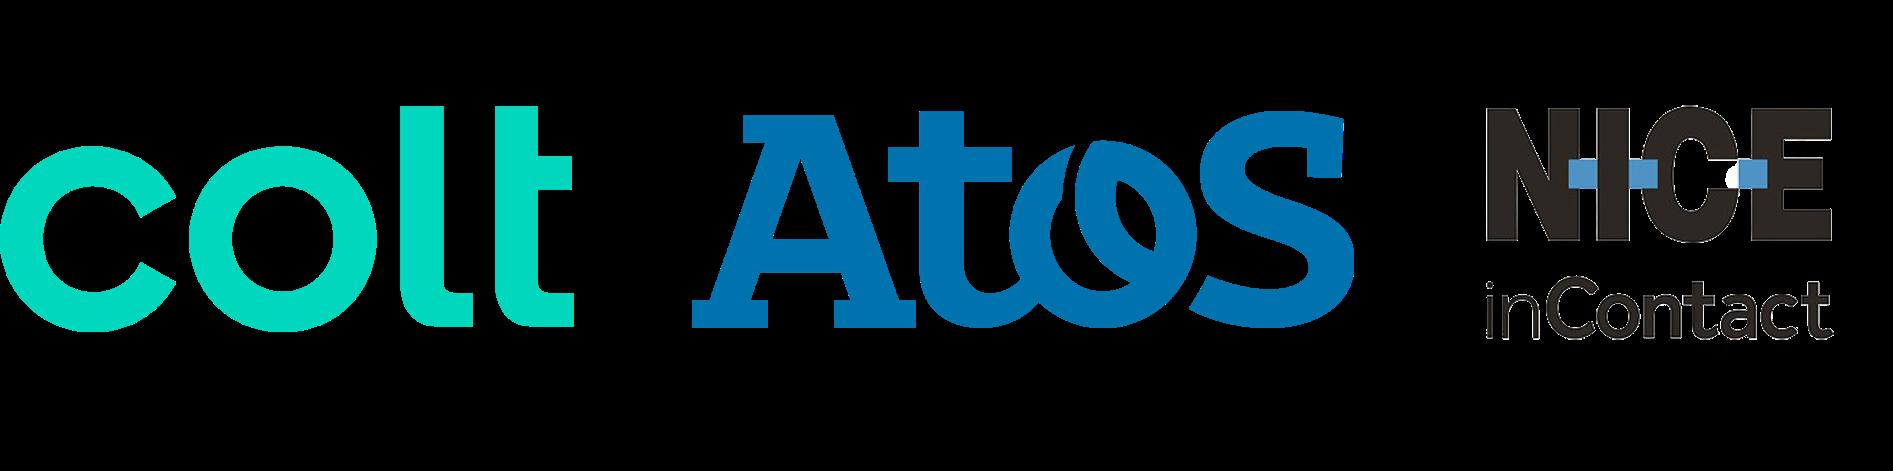 Colt-atos-nice-incontact logos